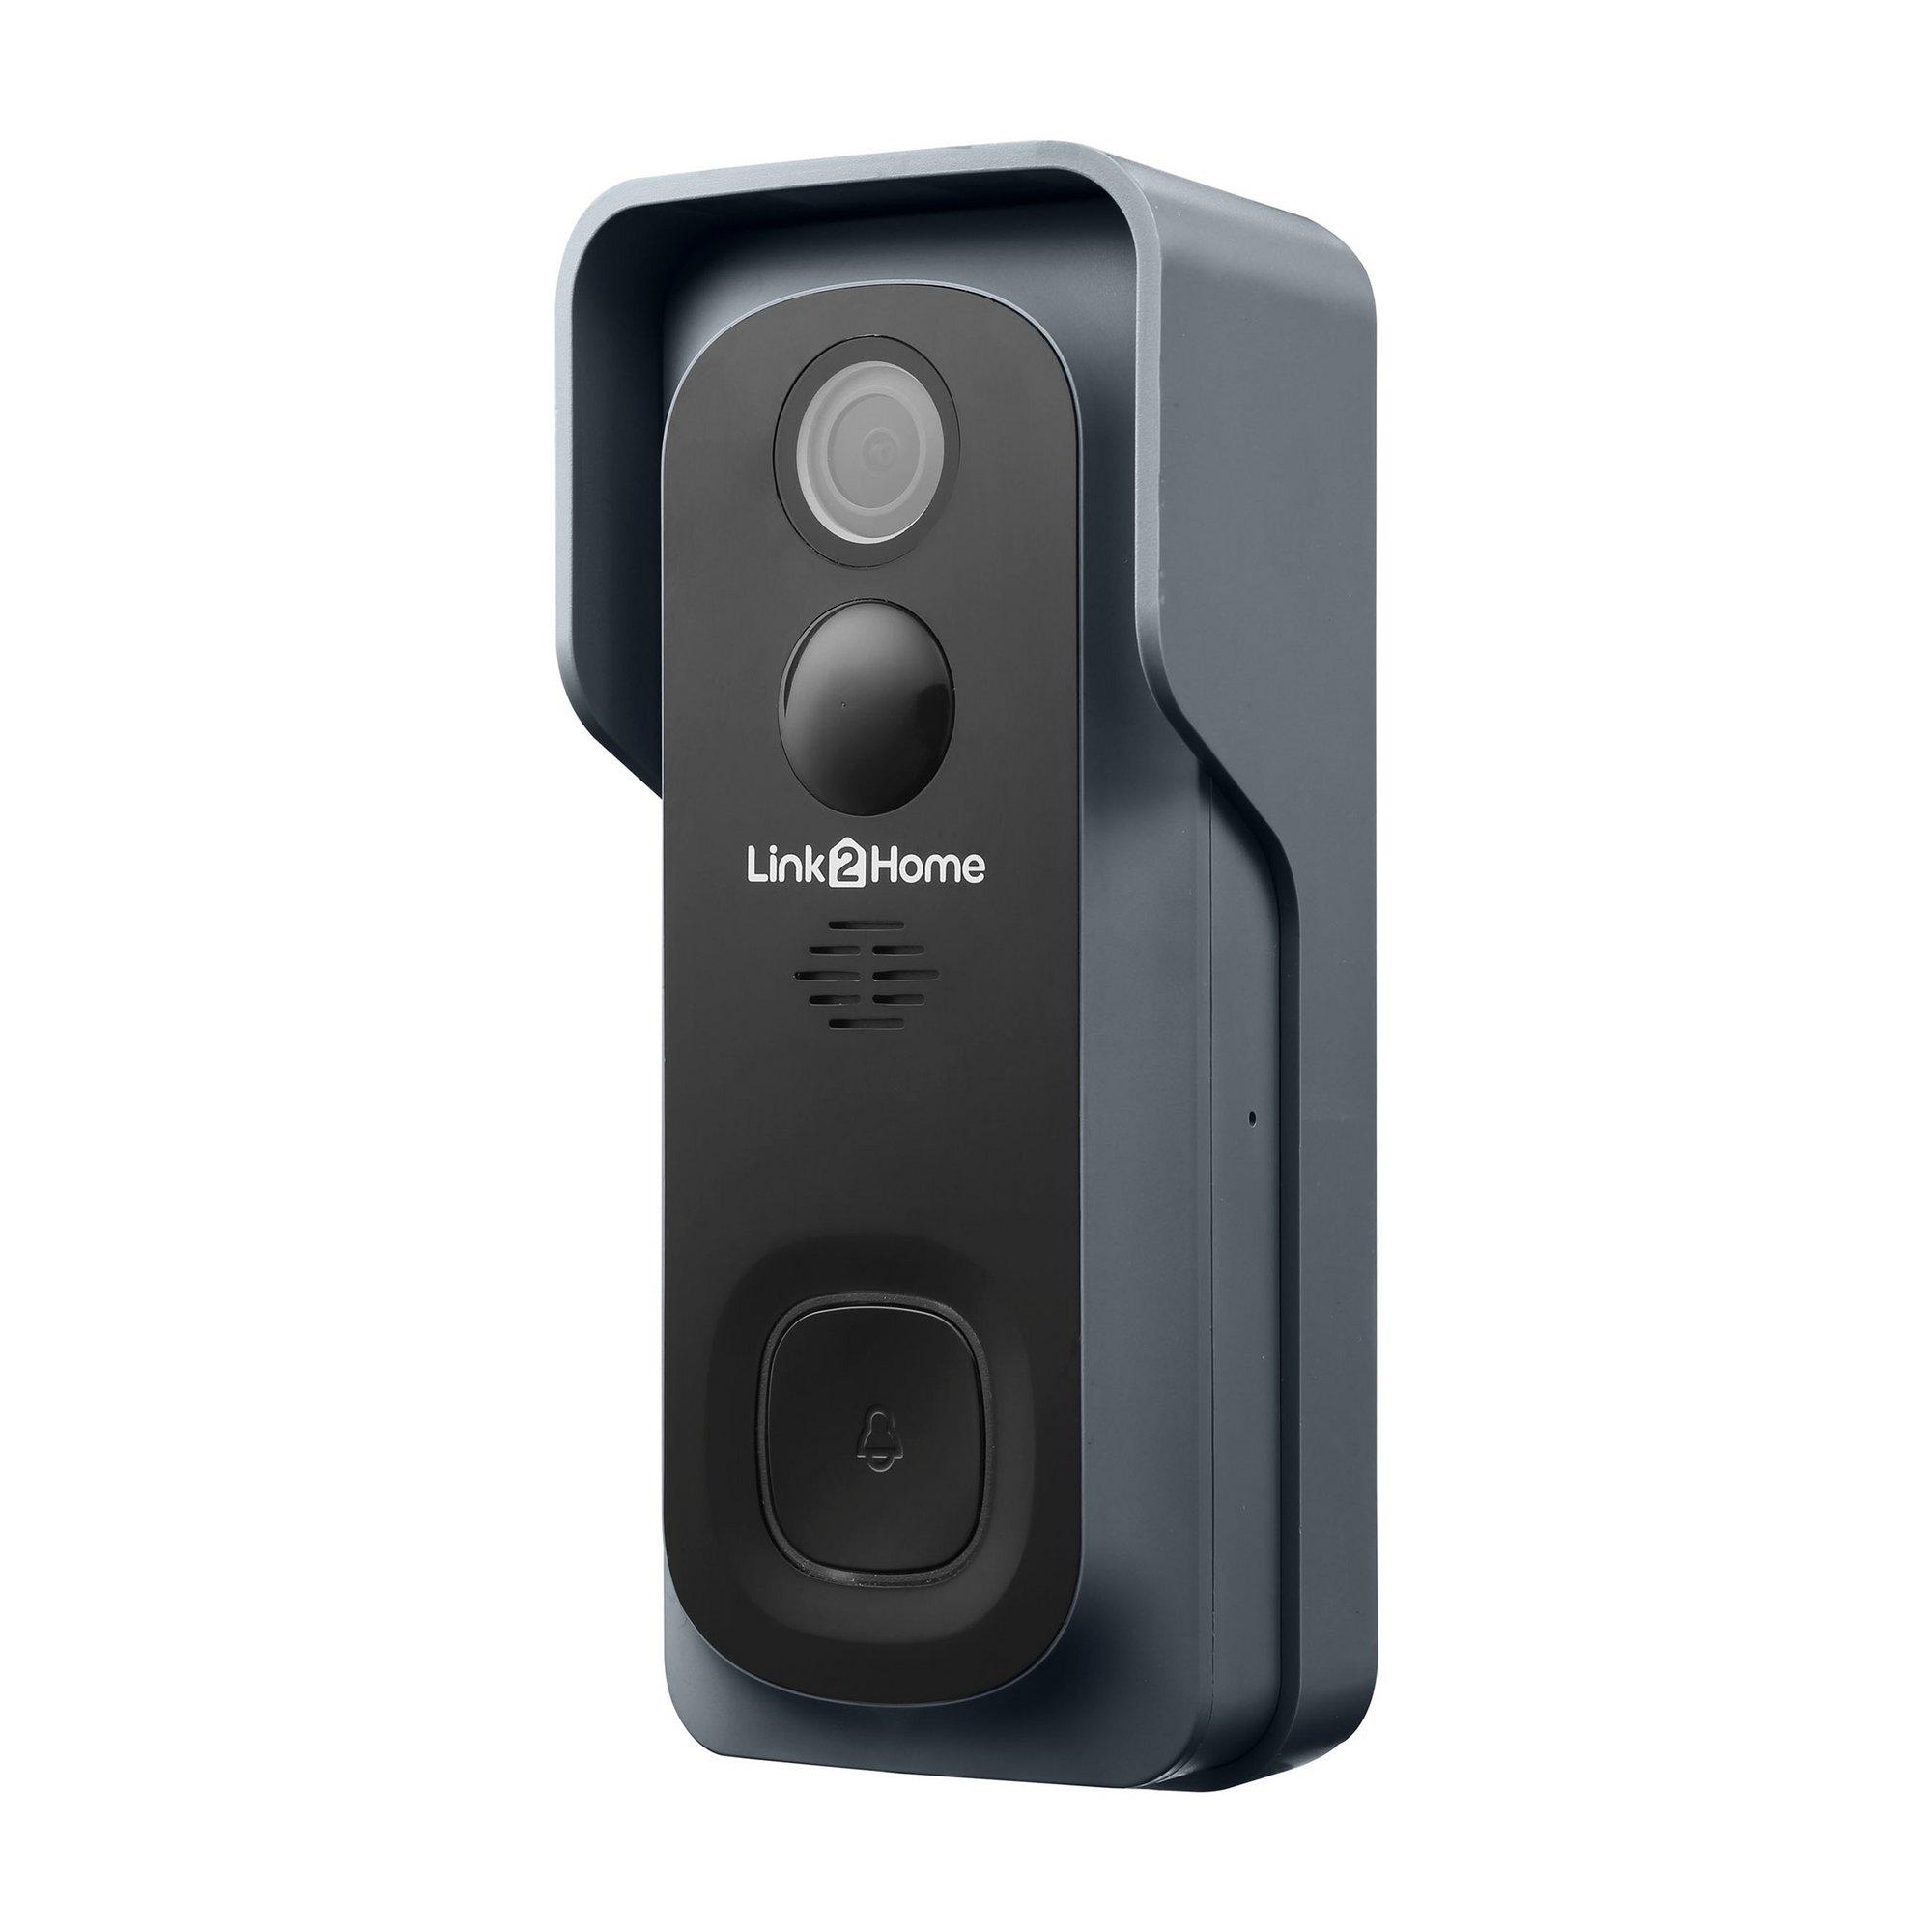 Image of Link2Home Outdoor Battery Door Bell